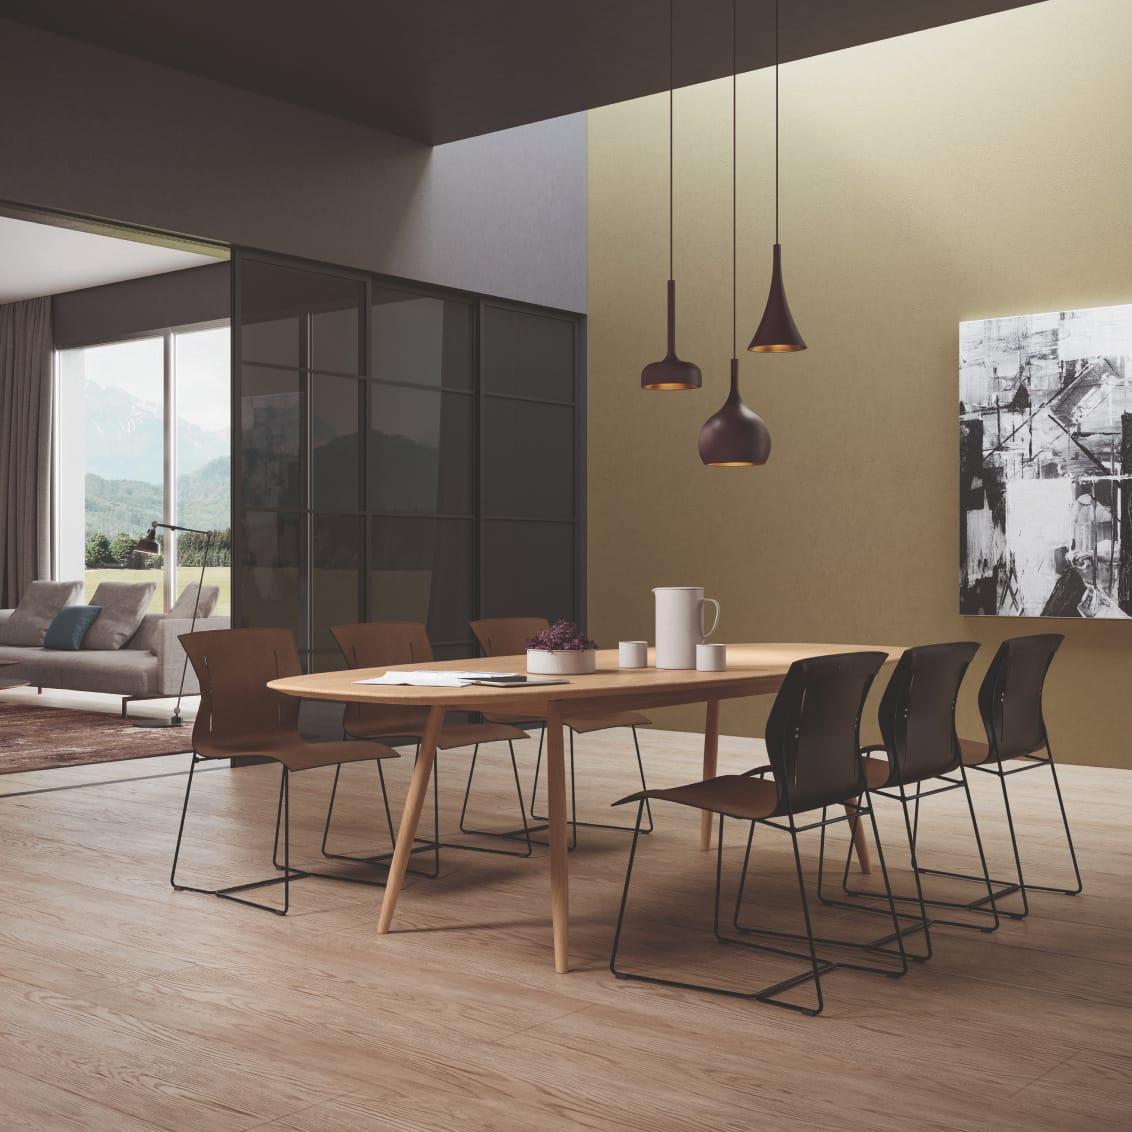 Moualla Table. Design: Neptun Ozis. Cuoio Chair. Design: EOOS.